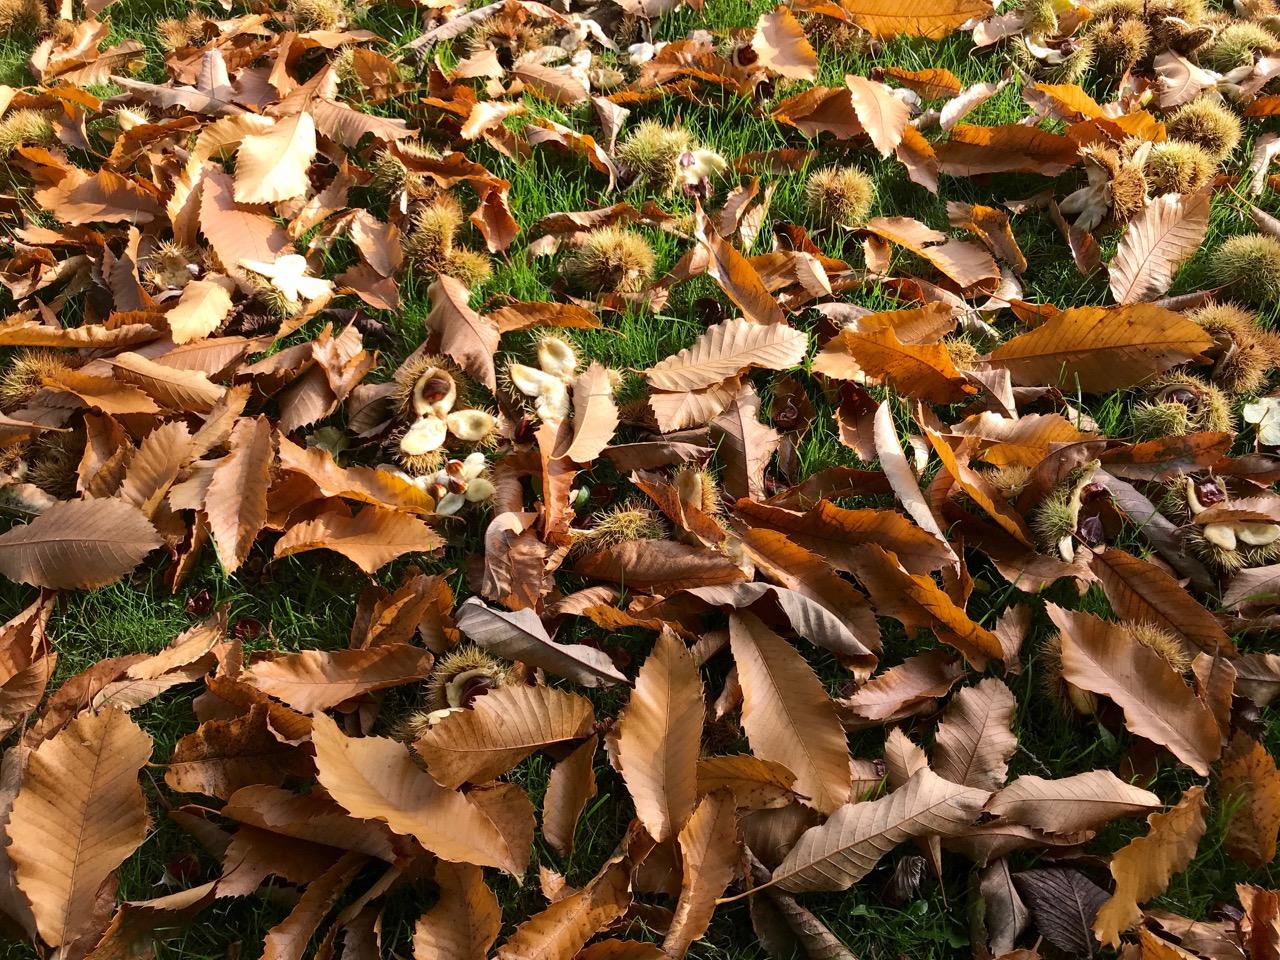 I øvrigt giver det smukke træ med spisekastanjer næsten intet brugbart fra sig i år. Masser af alt for små kastanjer. Masser af blade. Men valnøddetræet giver bedre end nogensinde før.